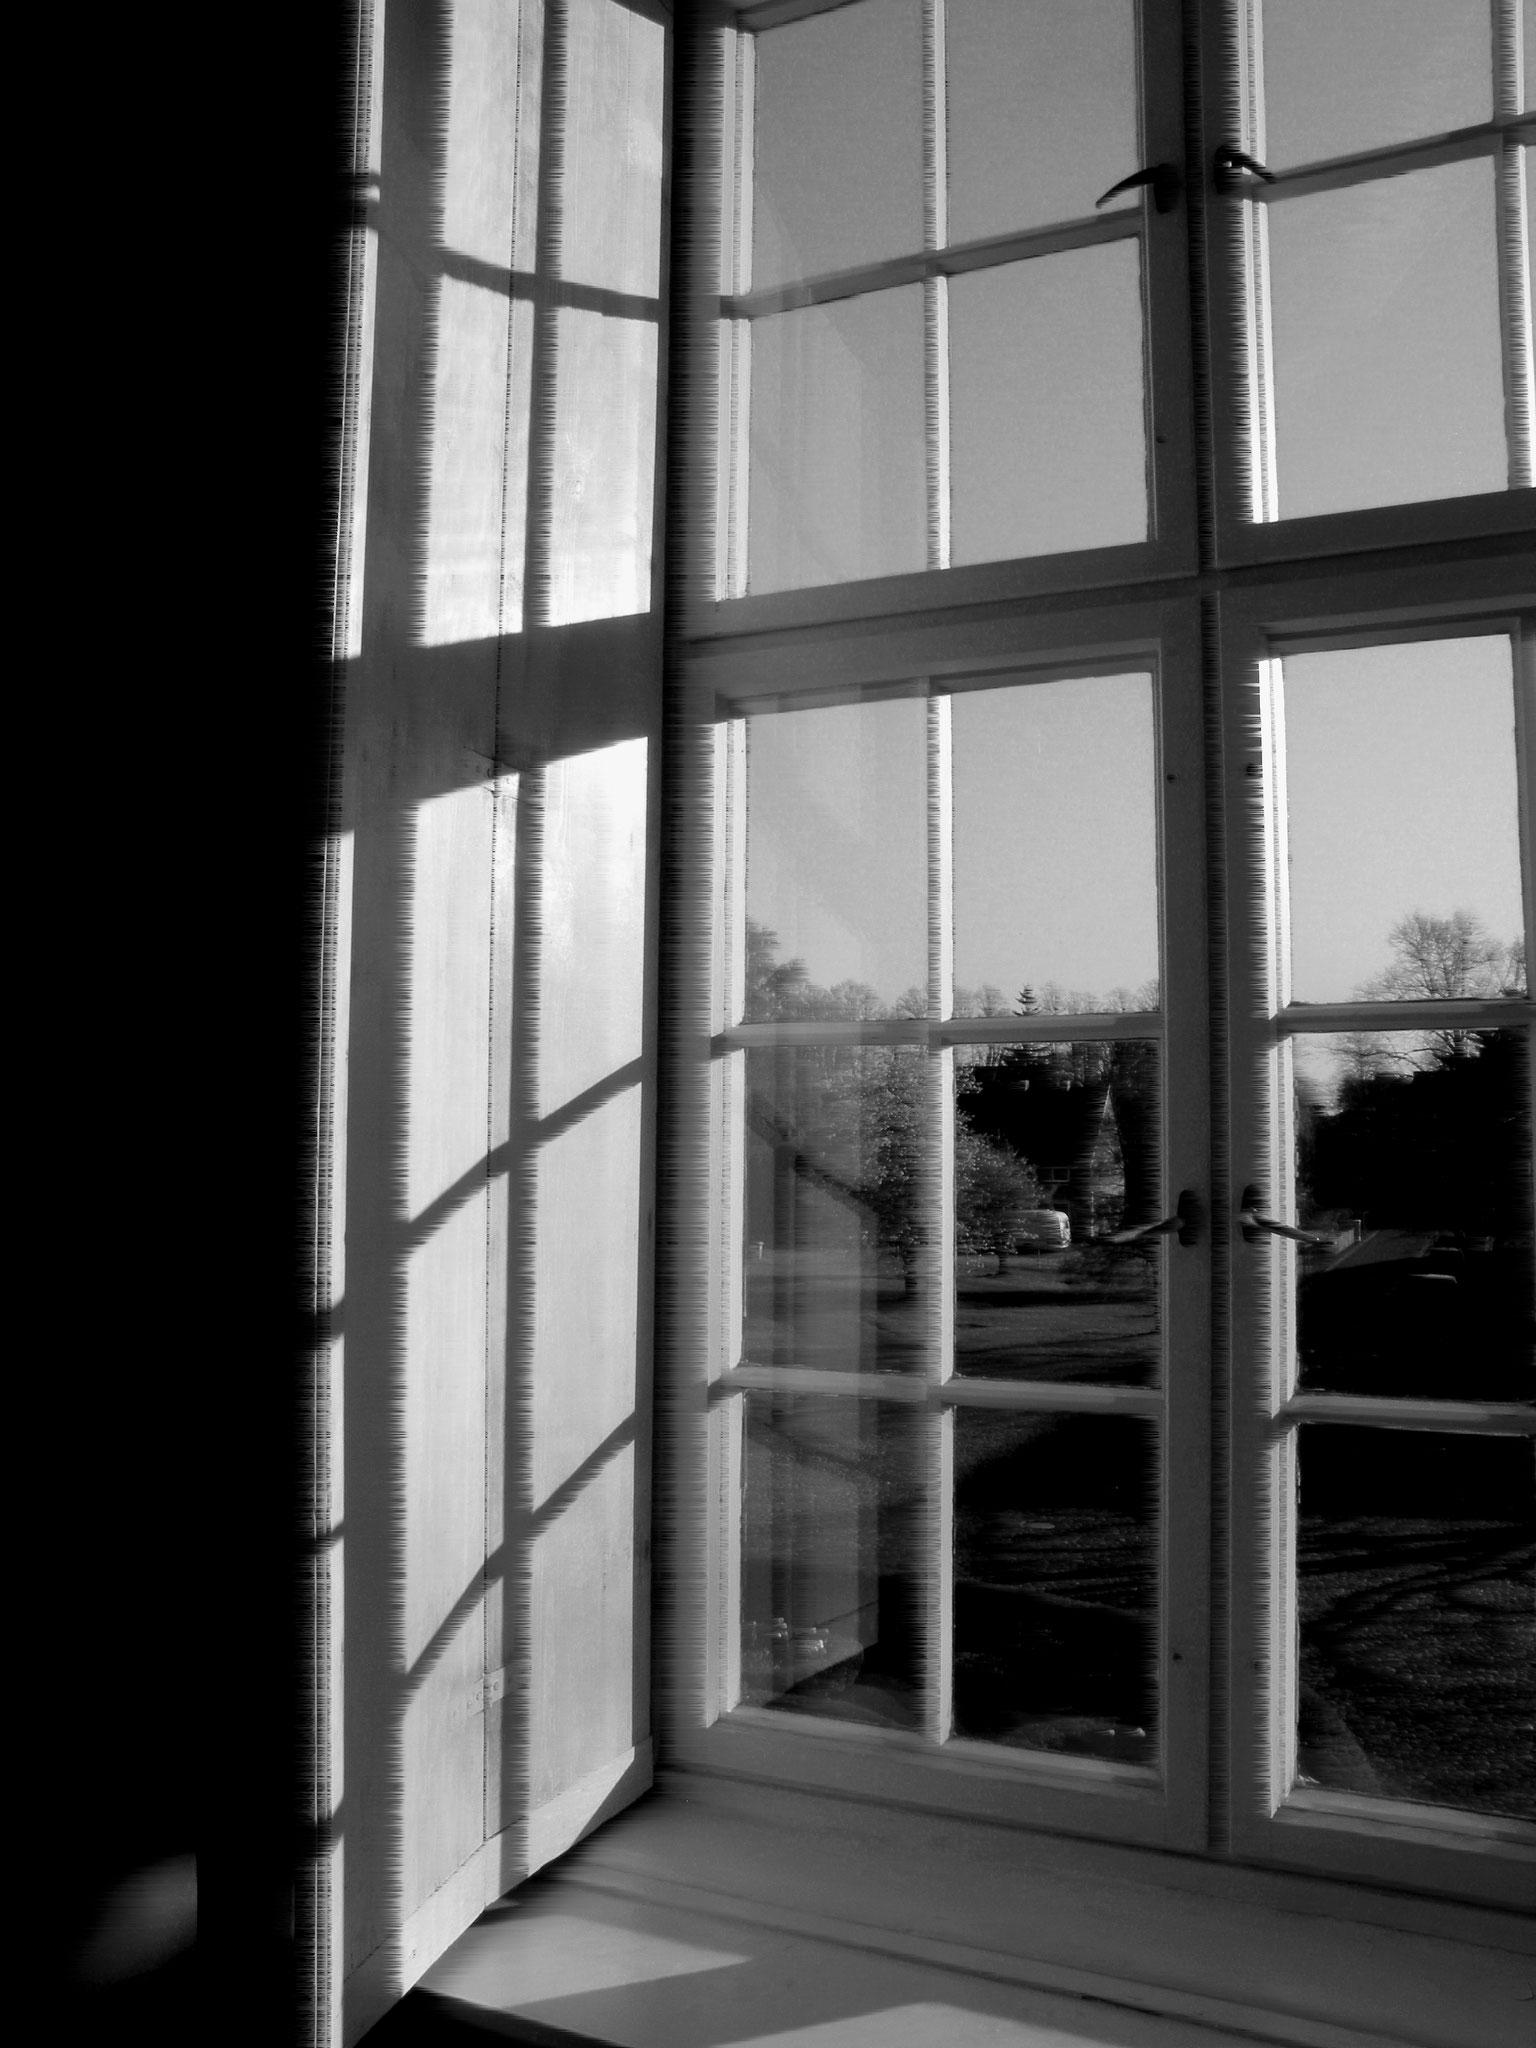 Fenster-Blick-Fenster, 2016